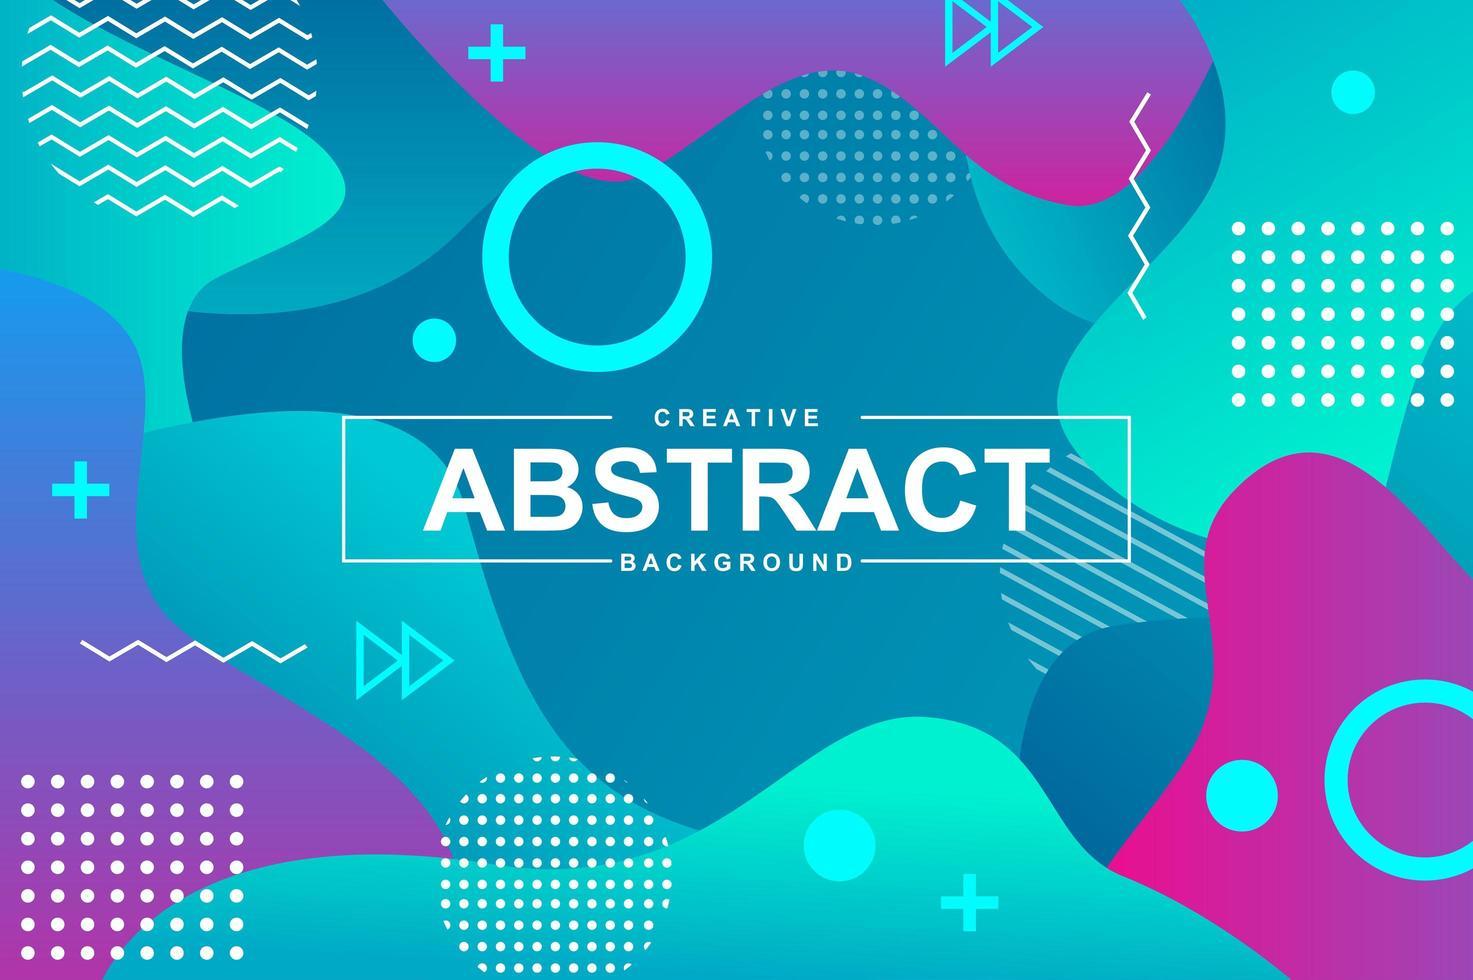 abstrakt design med dynamiska flytande former vektor